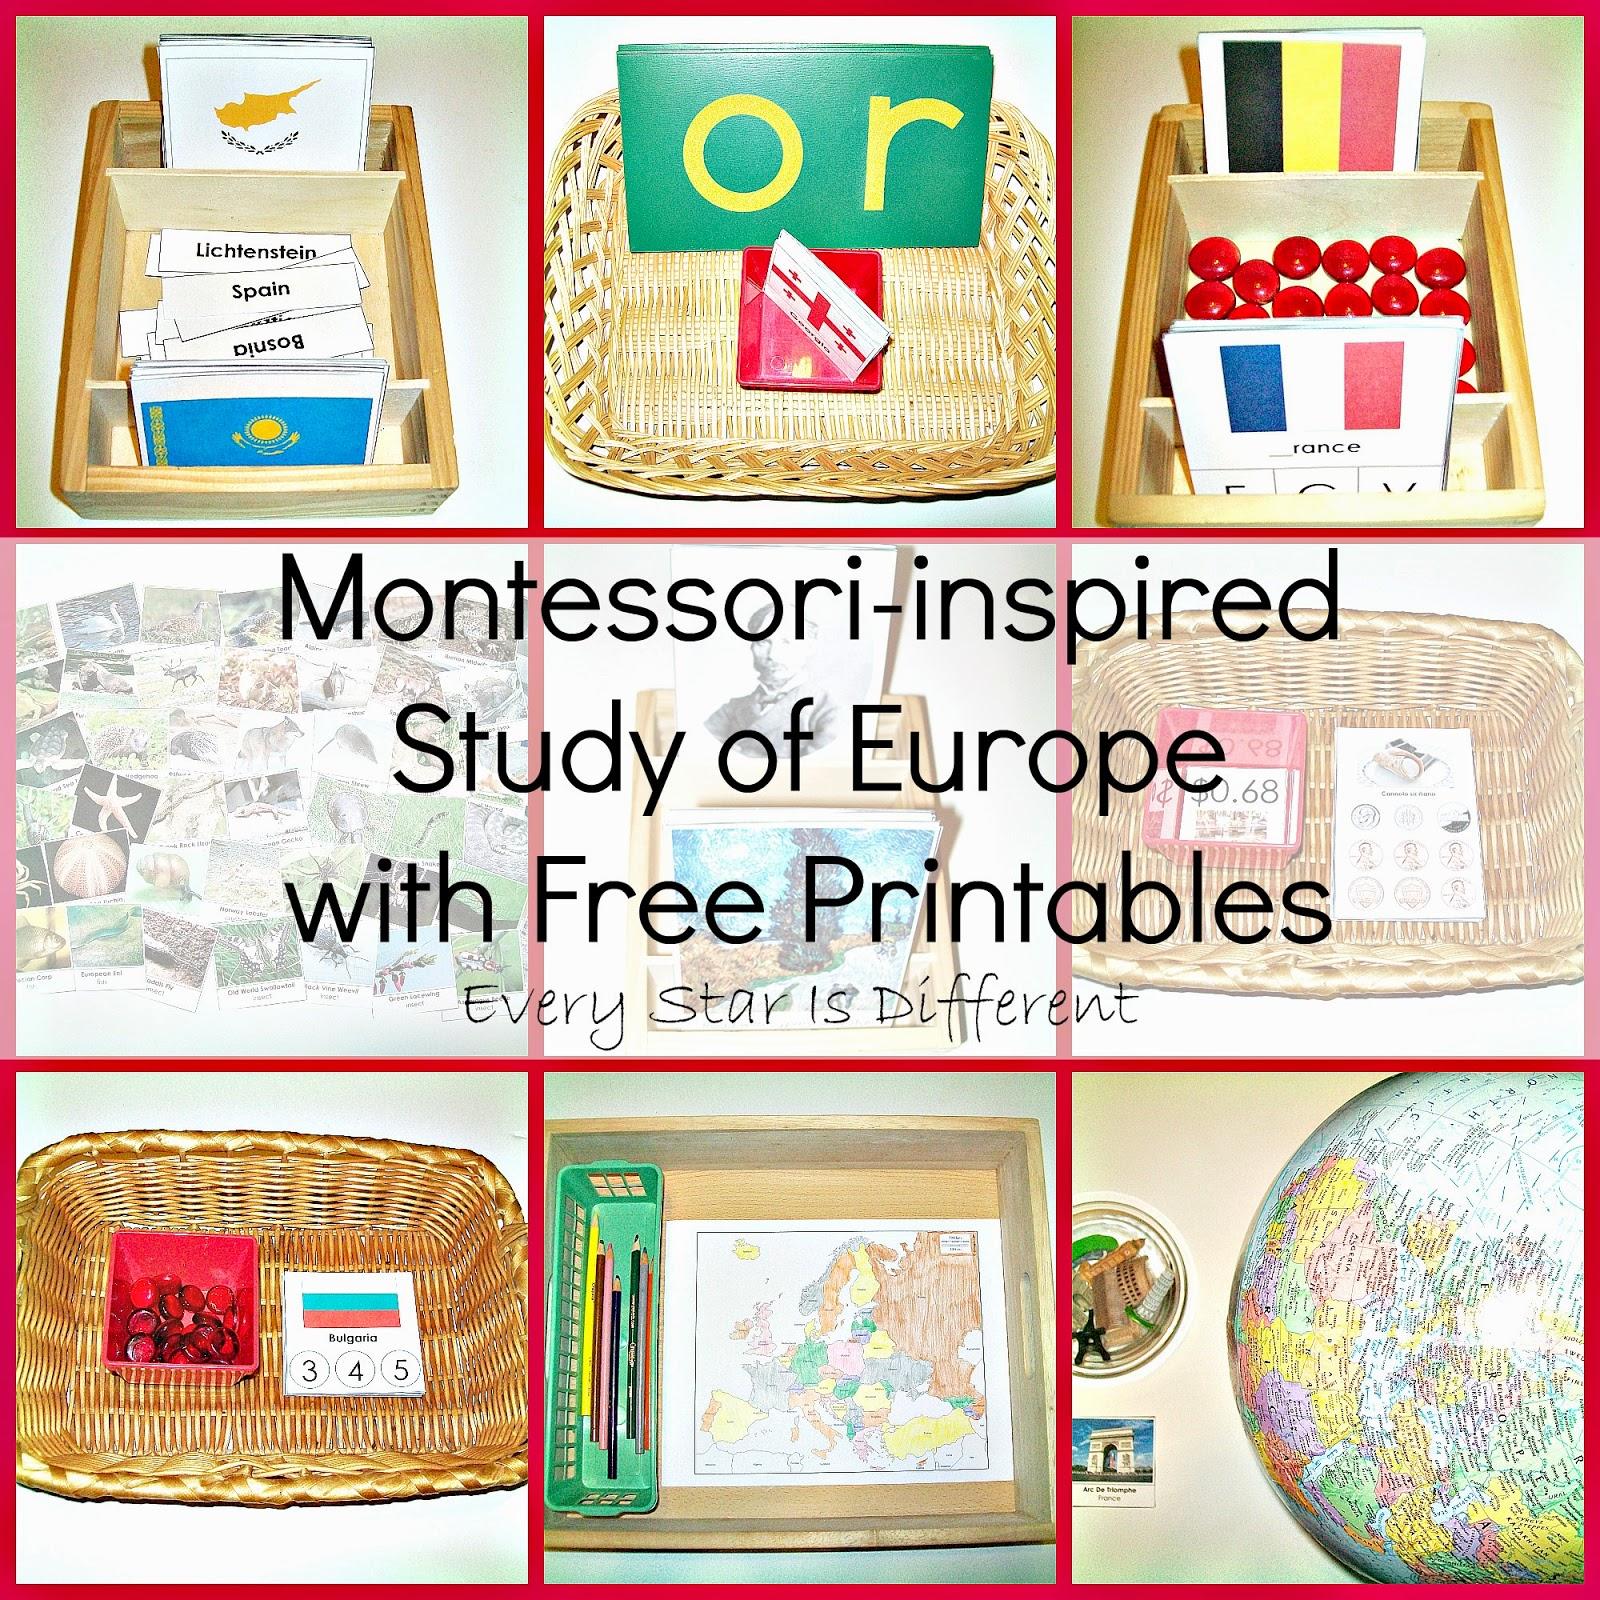 Montessori-inspired Study of Europe